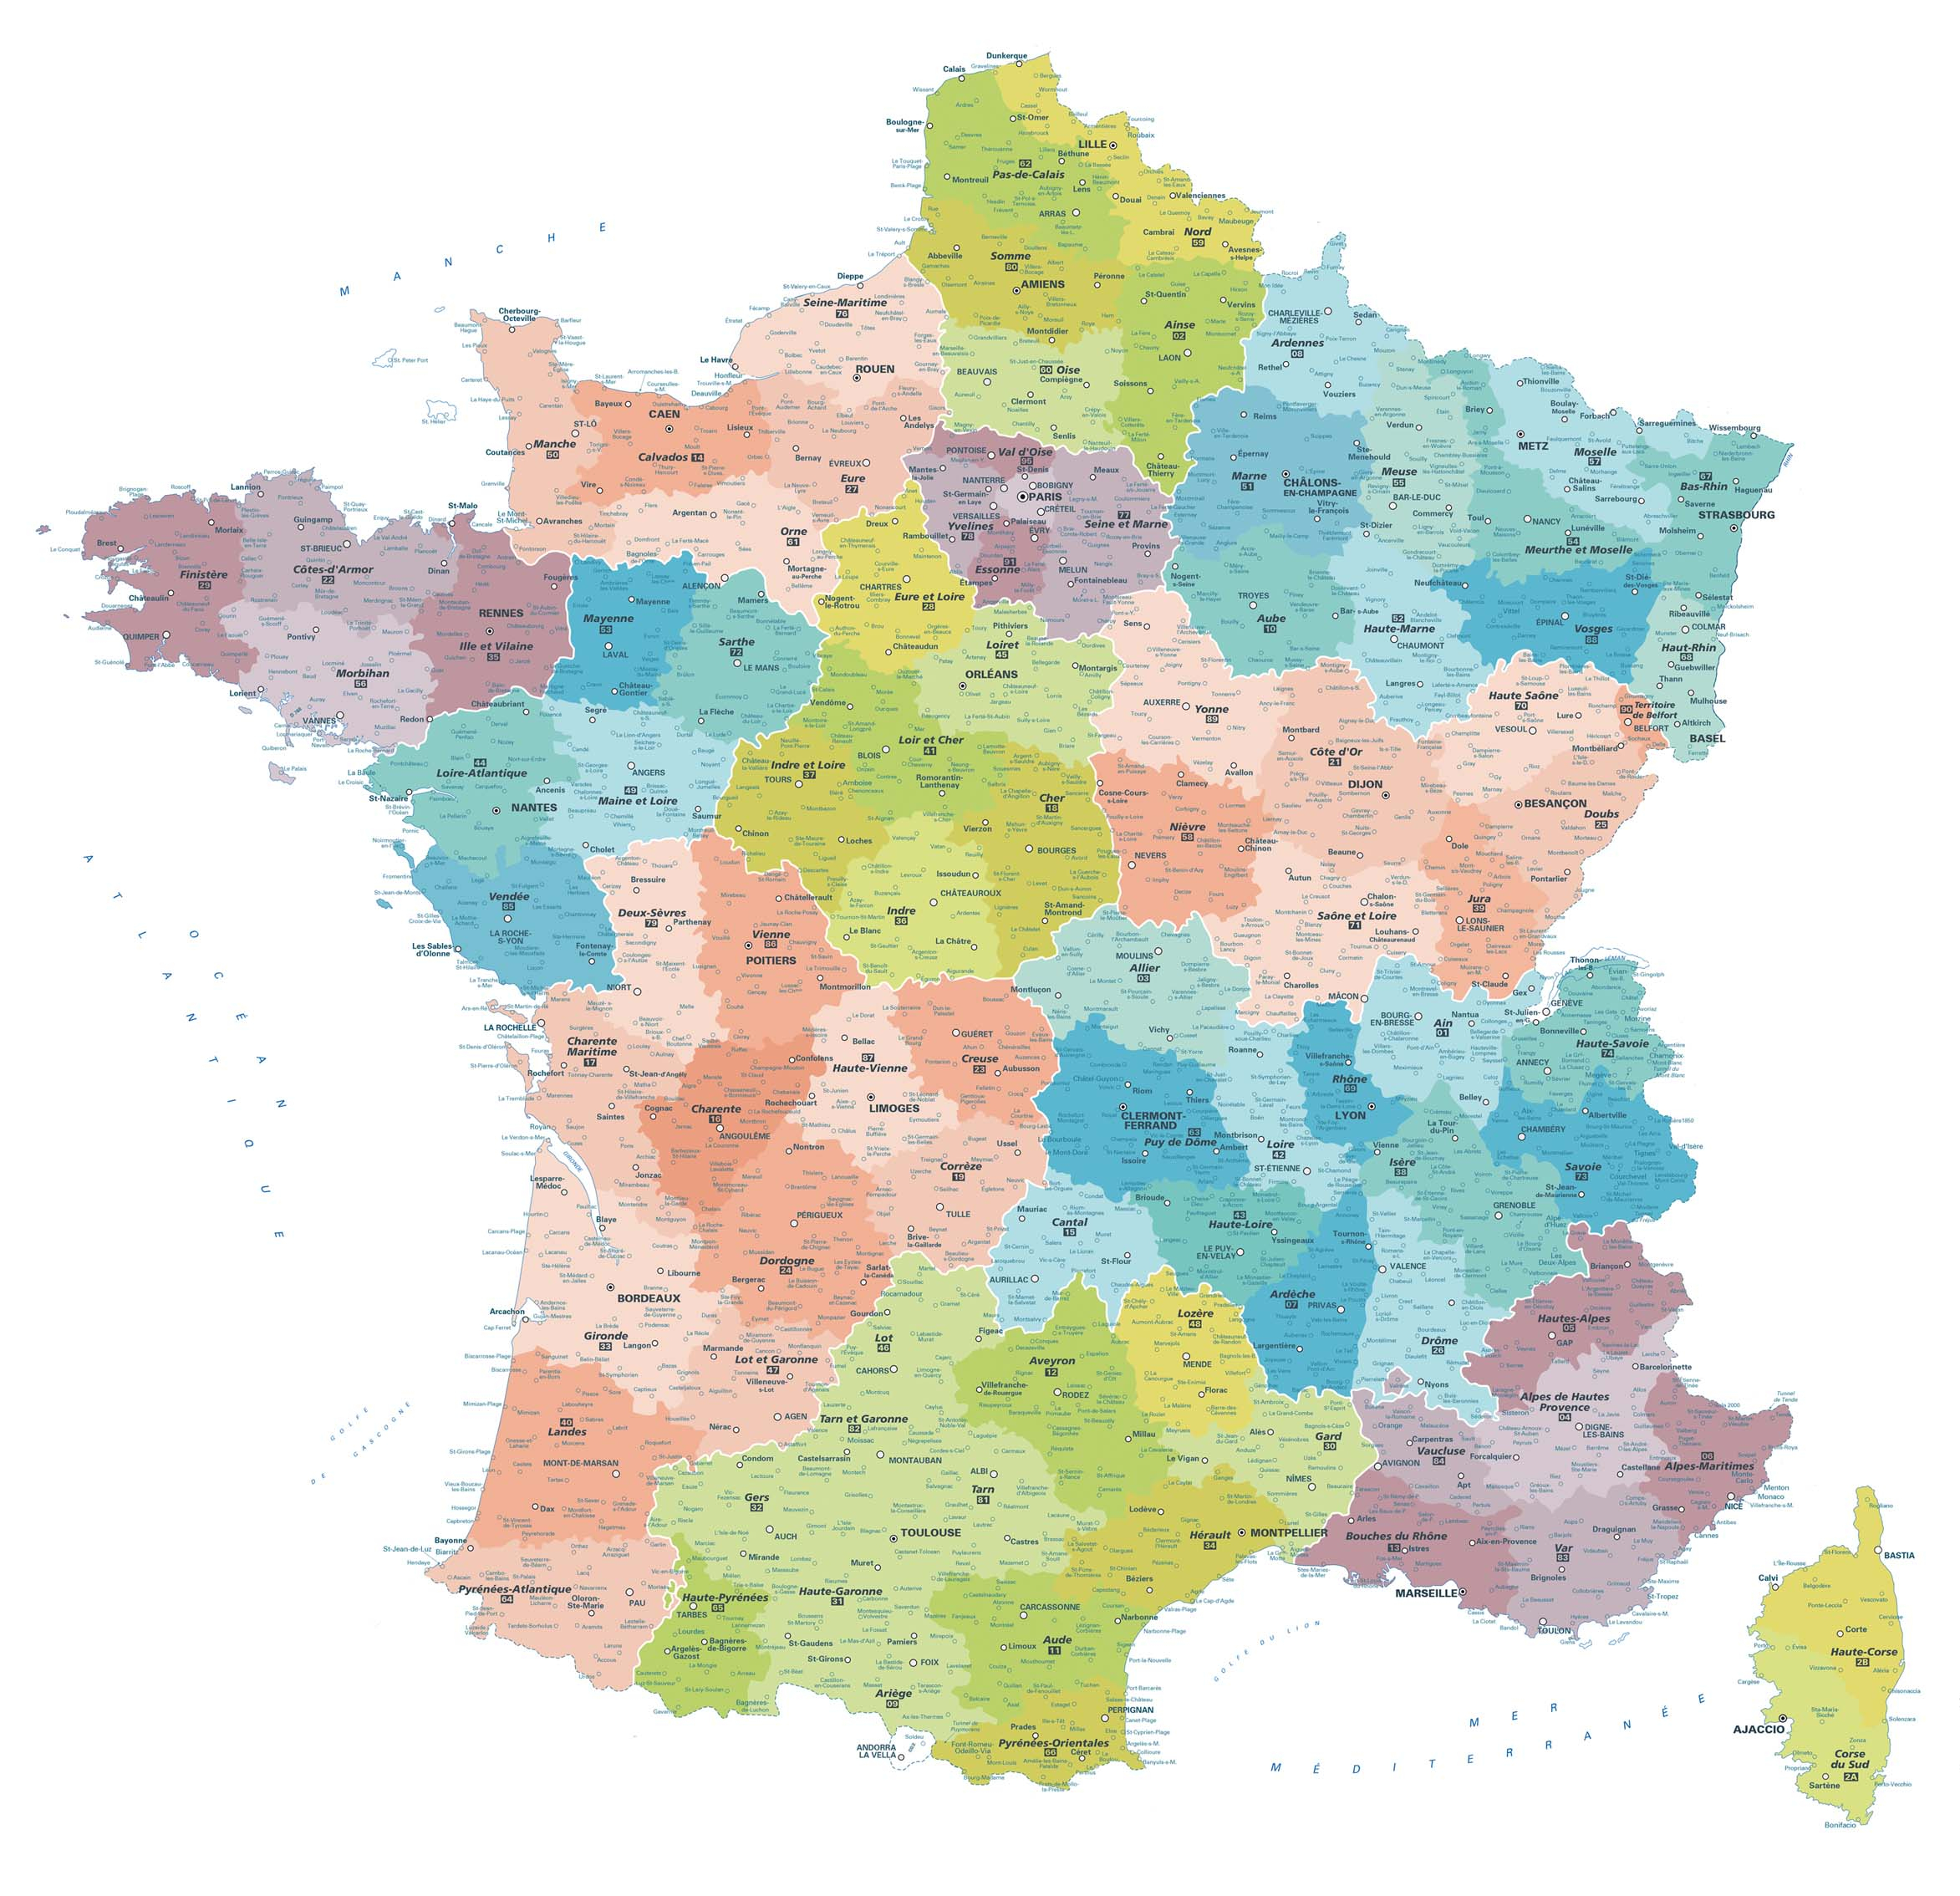 Dap Sas - Produits De La Categorie Cartes Geographiques encequiconcerne Image De La Carte De France